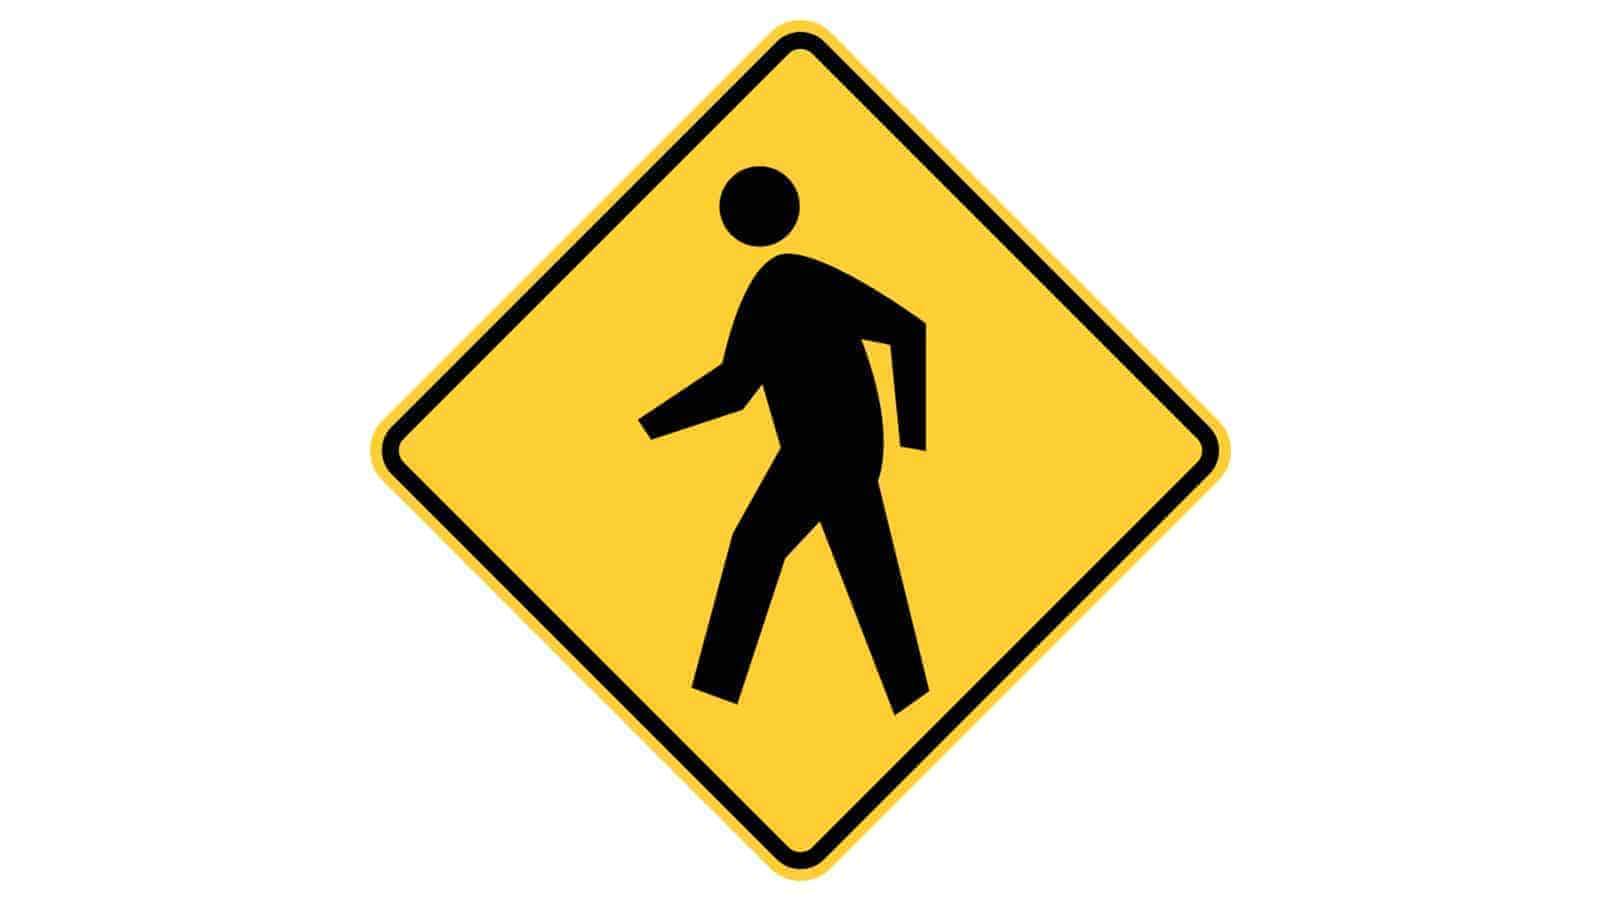 Warning sign Pedestrian Crossing